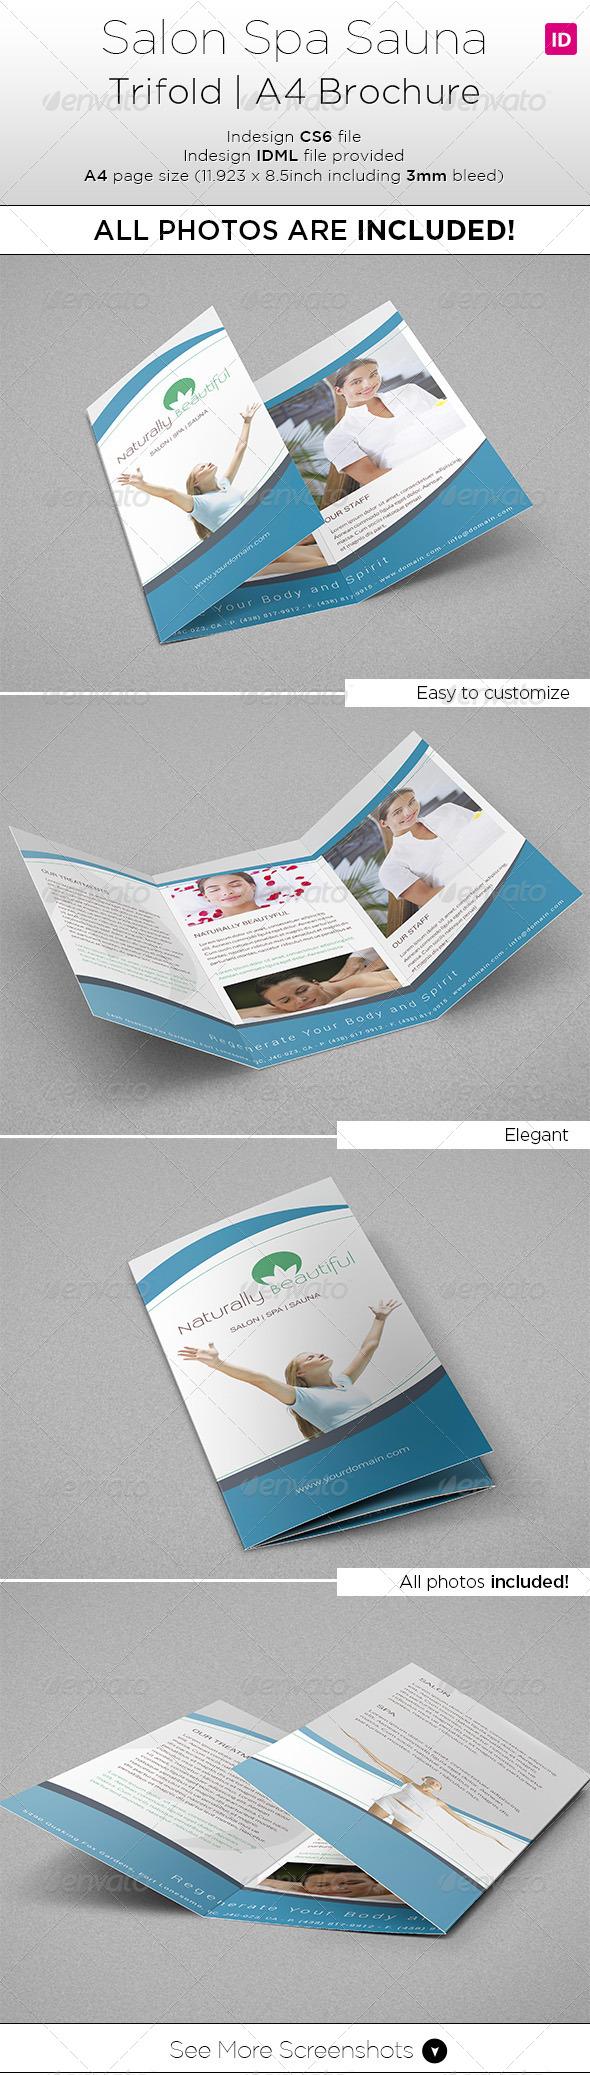 GraphicRiver Salon Spa Trifold A4 Brochure All Photo Included 7889341